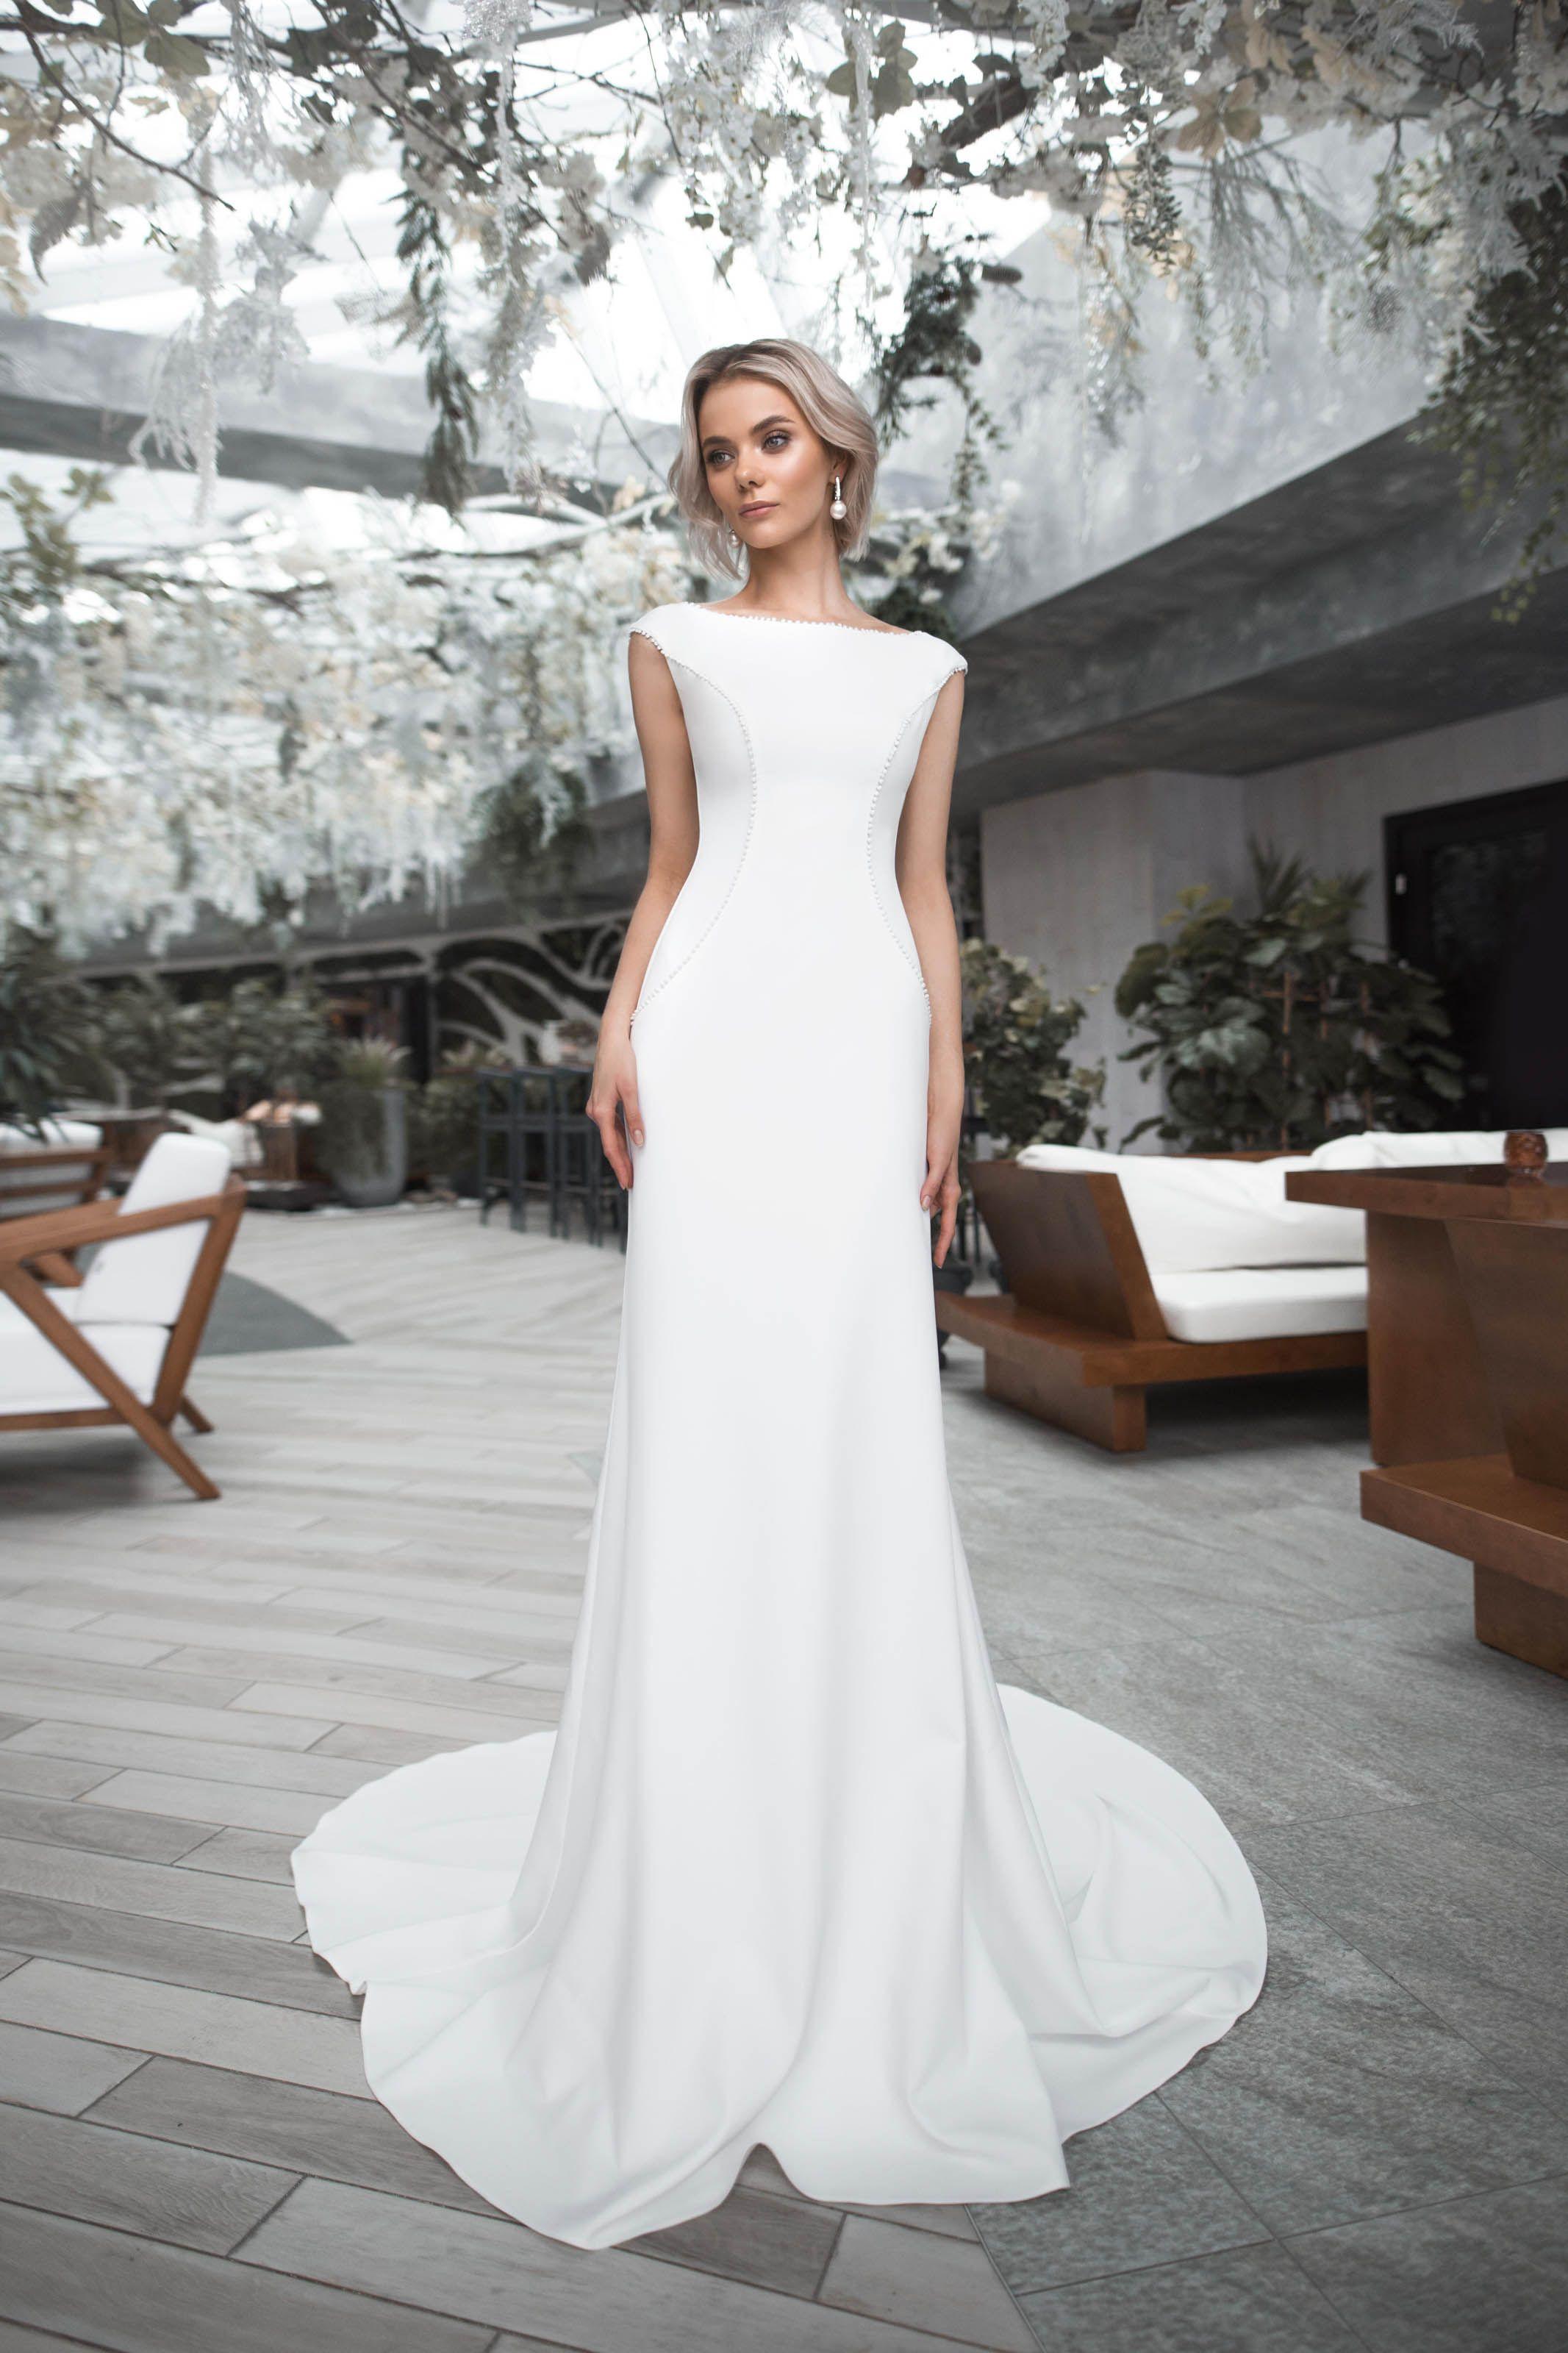 Lacrima In 2019 Strekoza Amami Wedding Dresses Simple Elegant